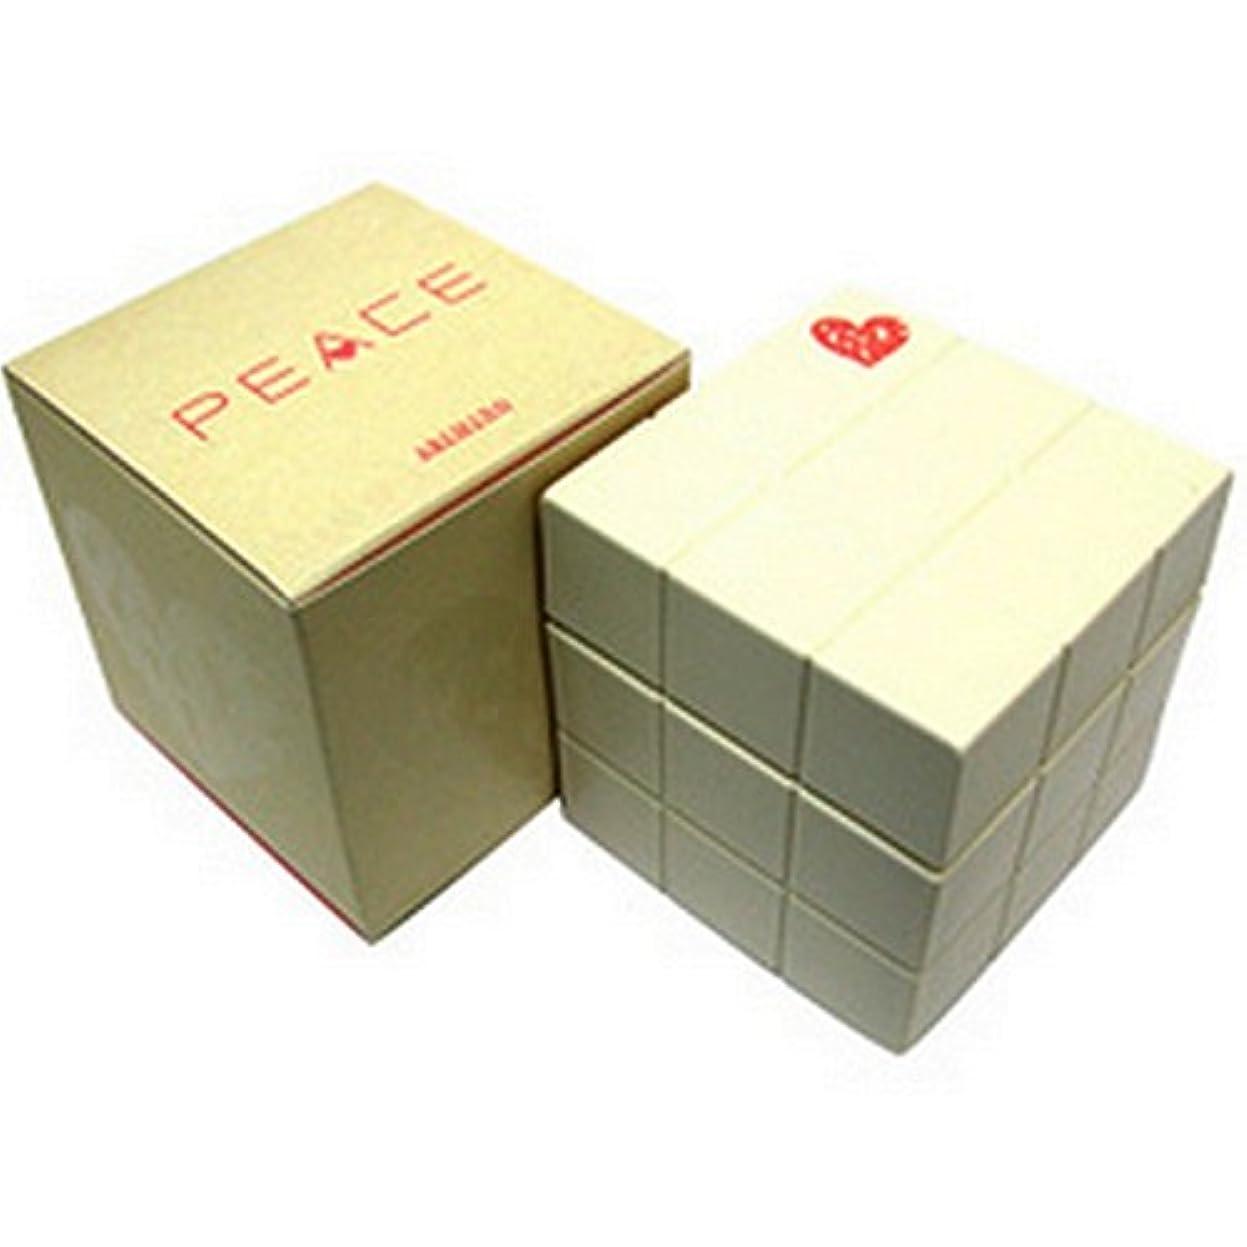 のヒープ退化する受粉者ピース プロデザインシリーズ ニュアンスワックス バニラ 80g 【アリミノ】